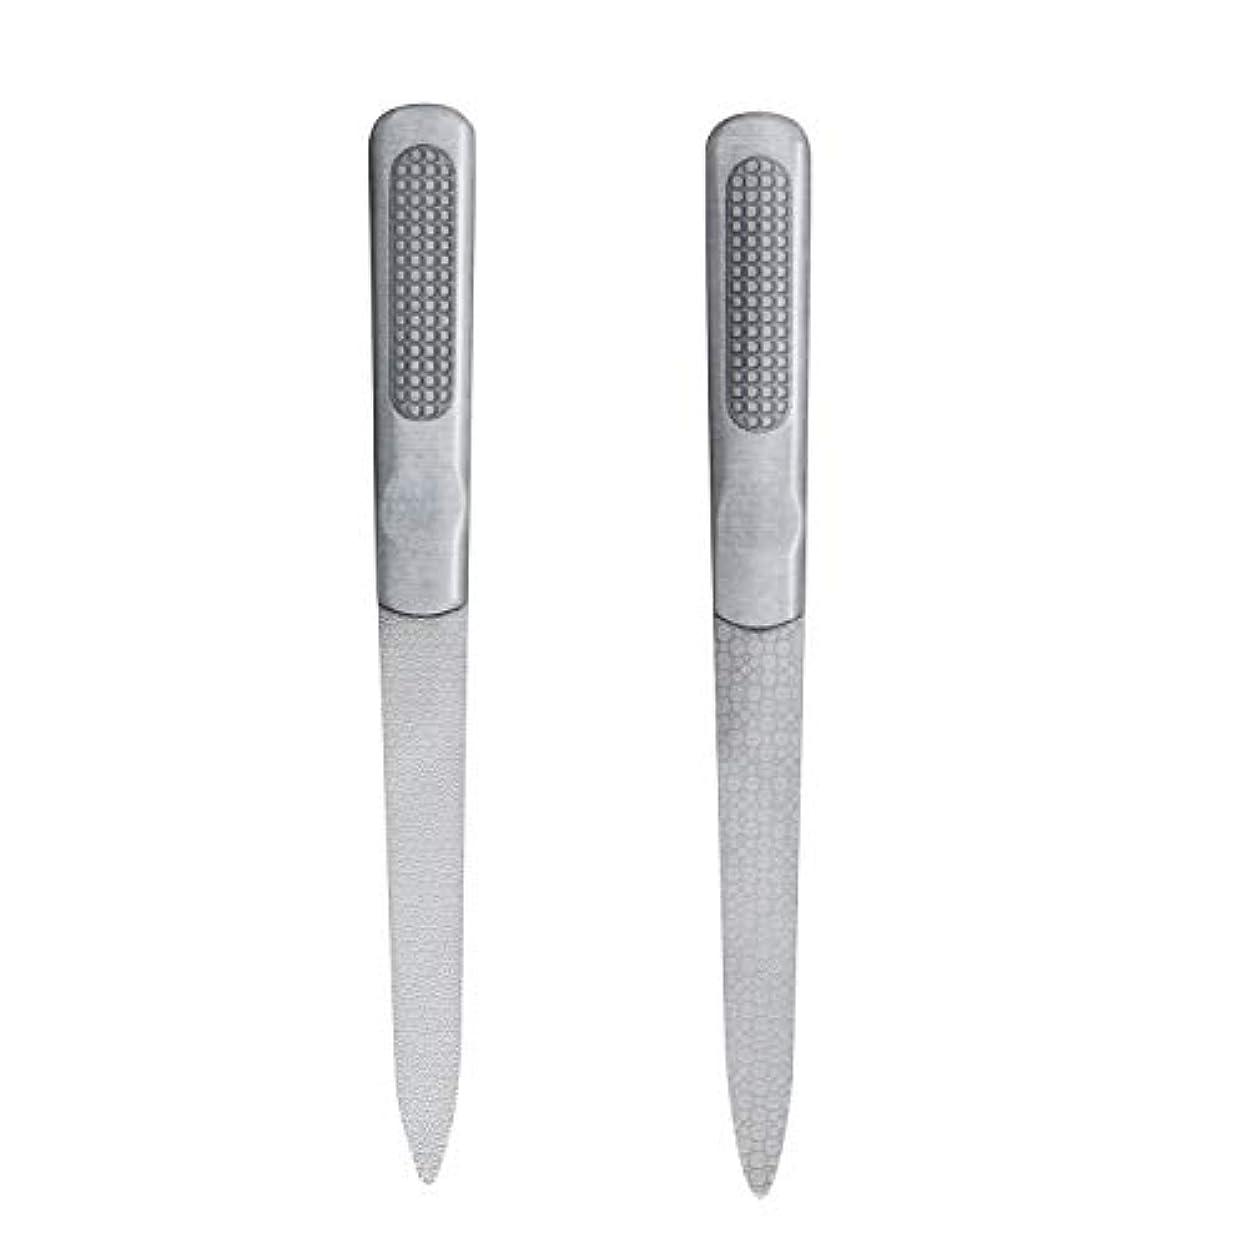 施設かどうかオーバーコートCIPOW爪やすり 両面タイプ ステンレスつめ削り 滑り止めのハンドル 爪磨き 2セット